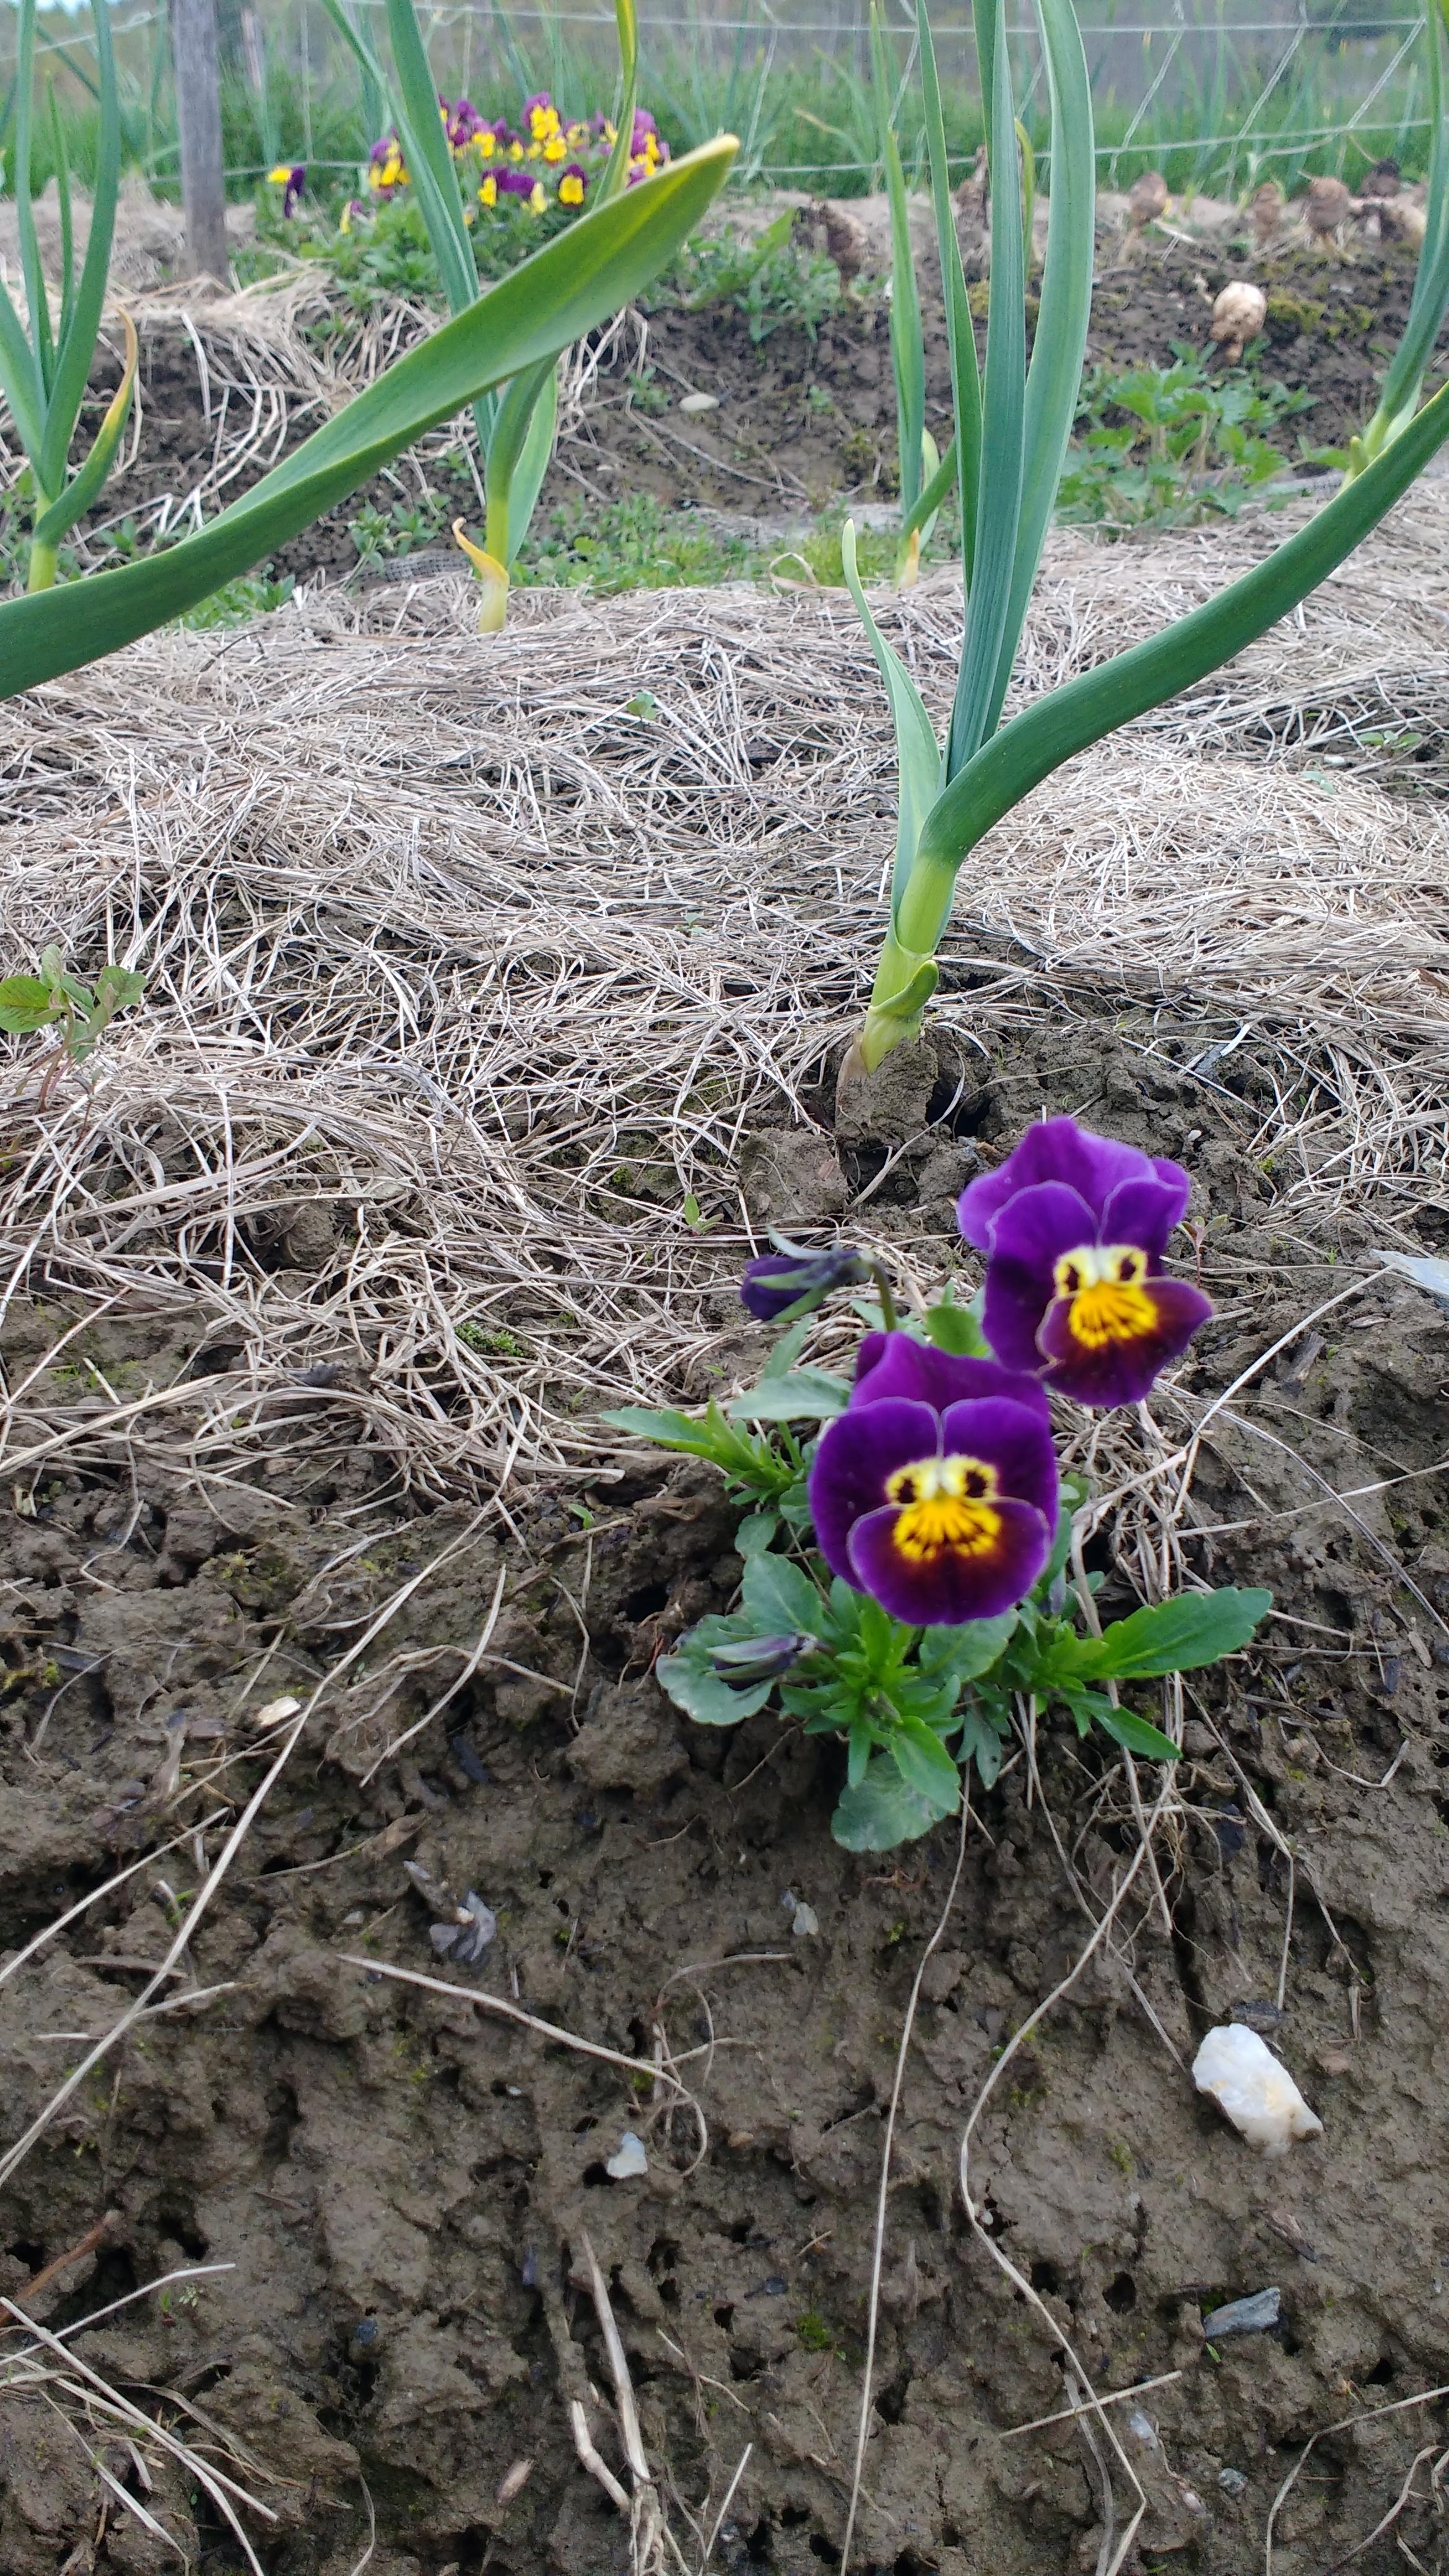 Smiling Pansies in the Garlic!